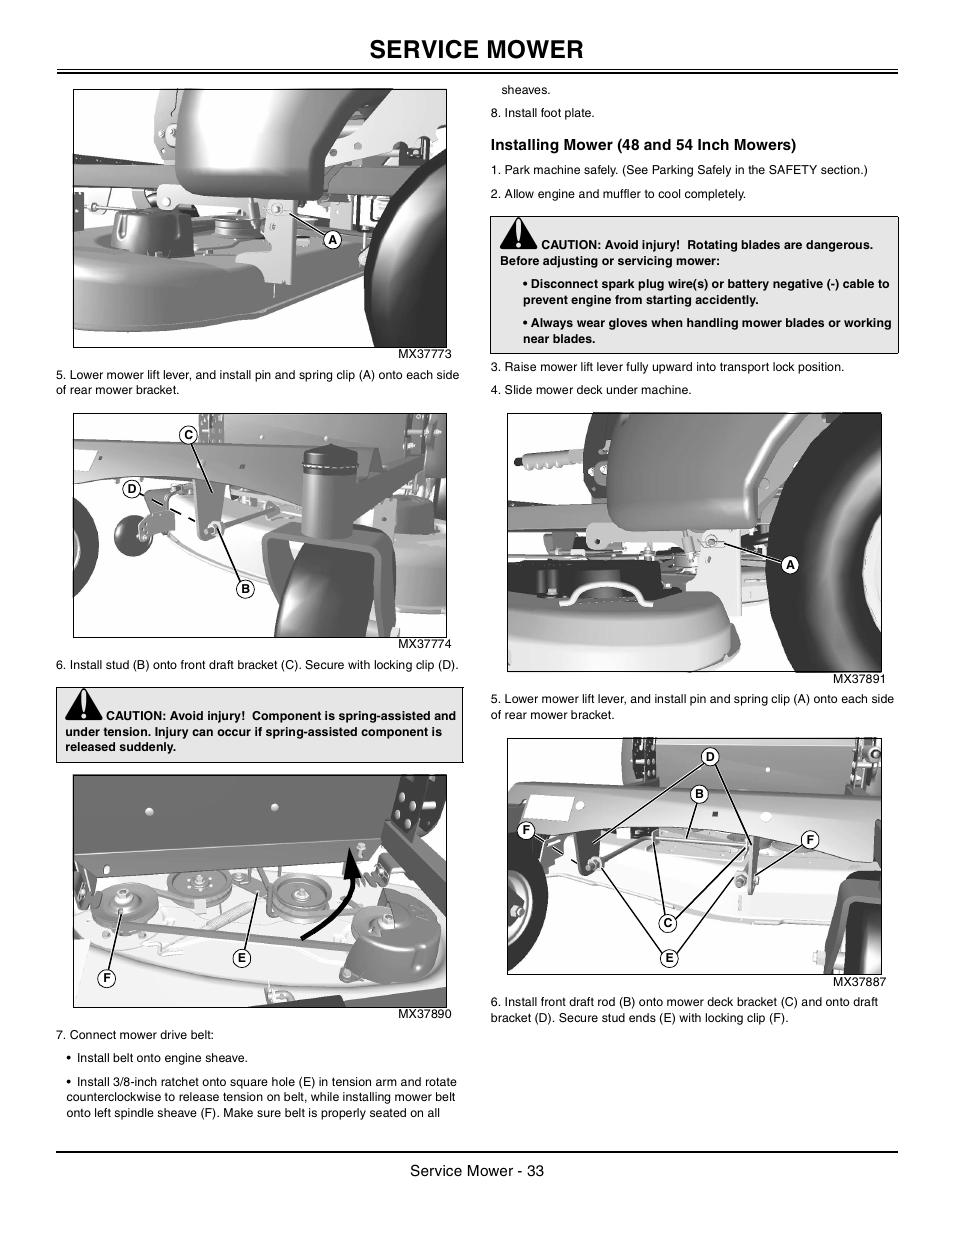 35 John Deere Z425 Parts Diagram Manual Guide